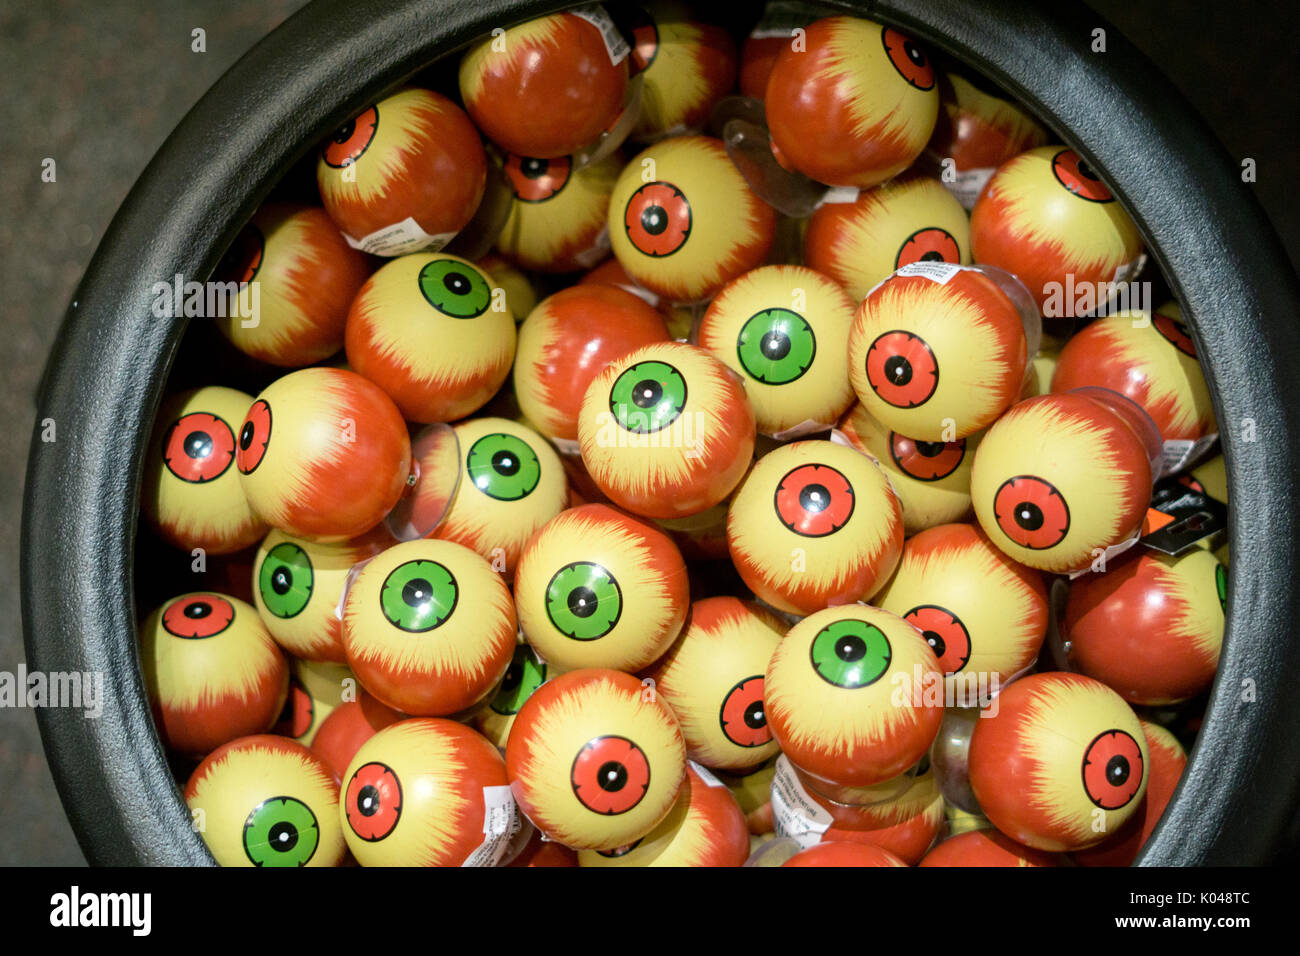 Un contenedor con ojos de plástico para la venta en el Advenrture Halloween en Greenwich Village, Nueva York.America, American, falsos, Imagen De Stock